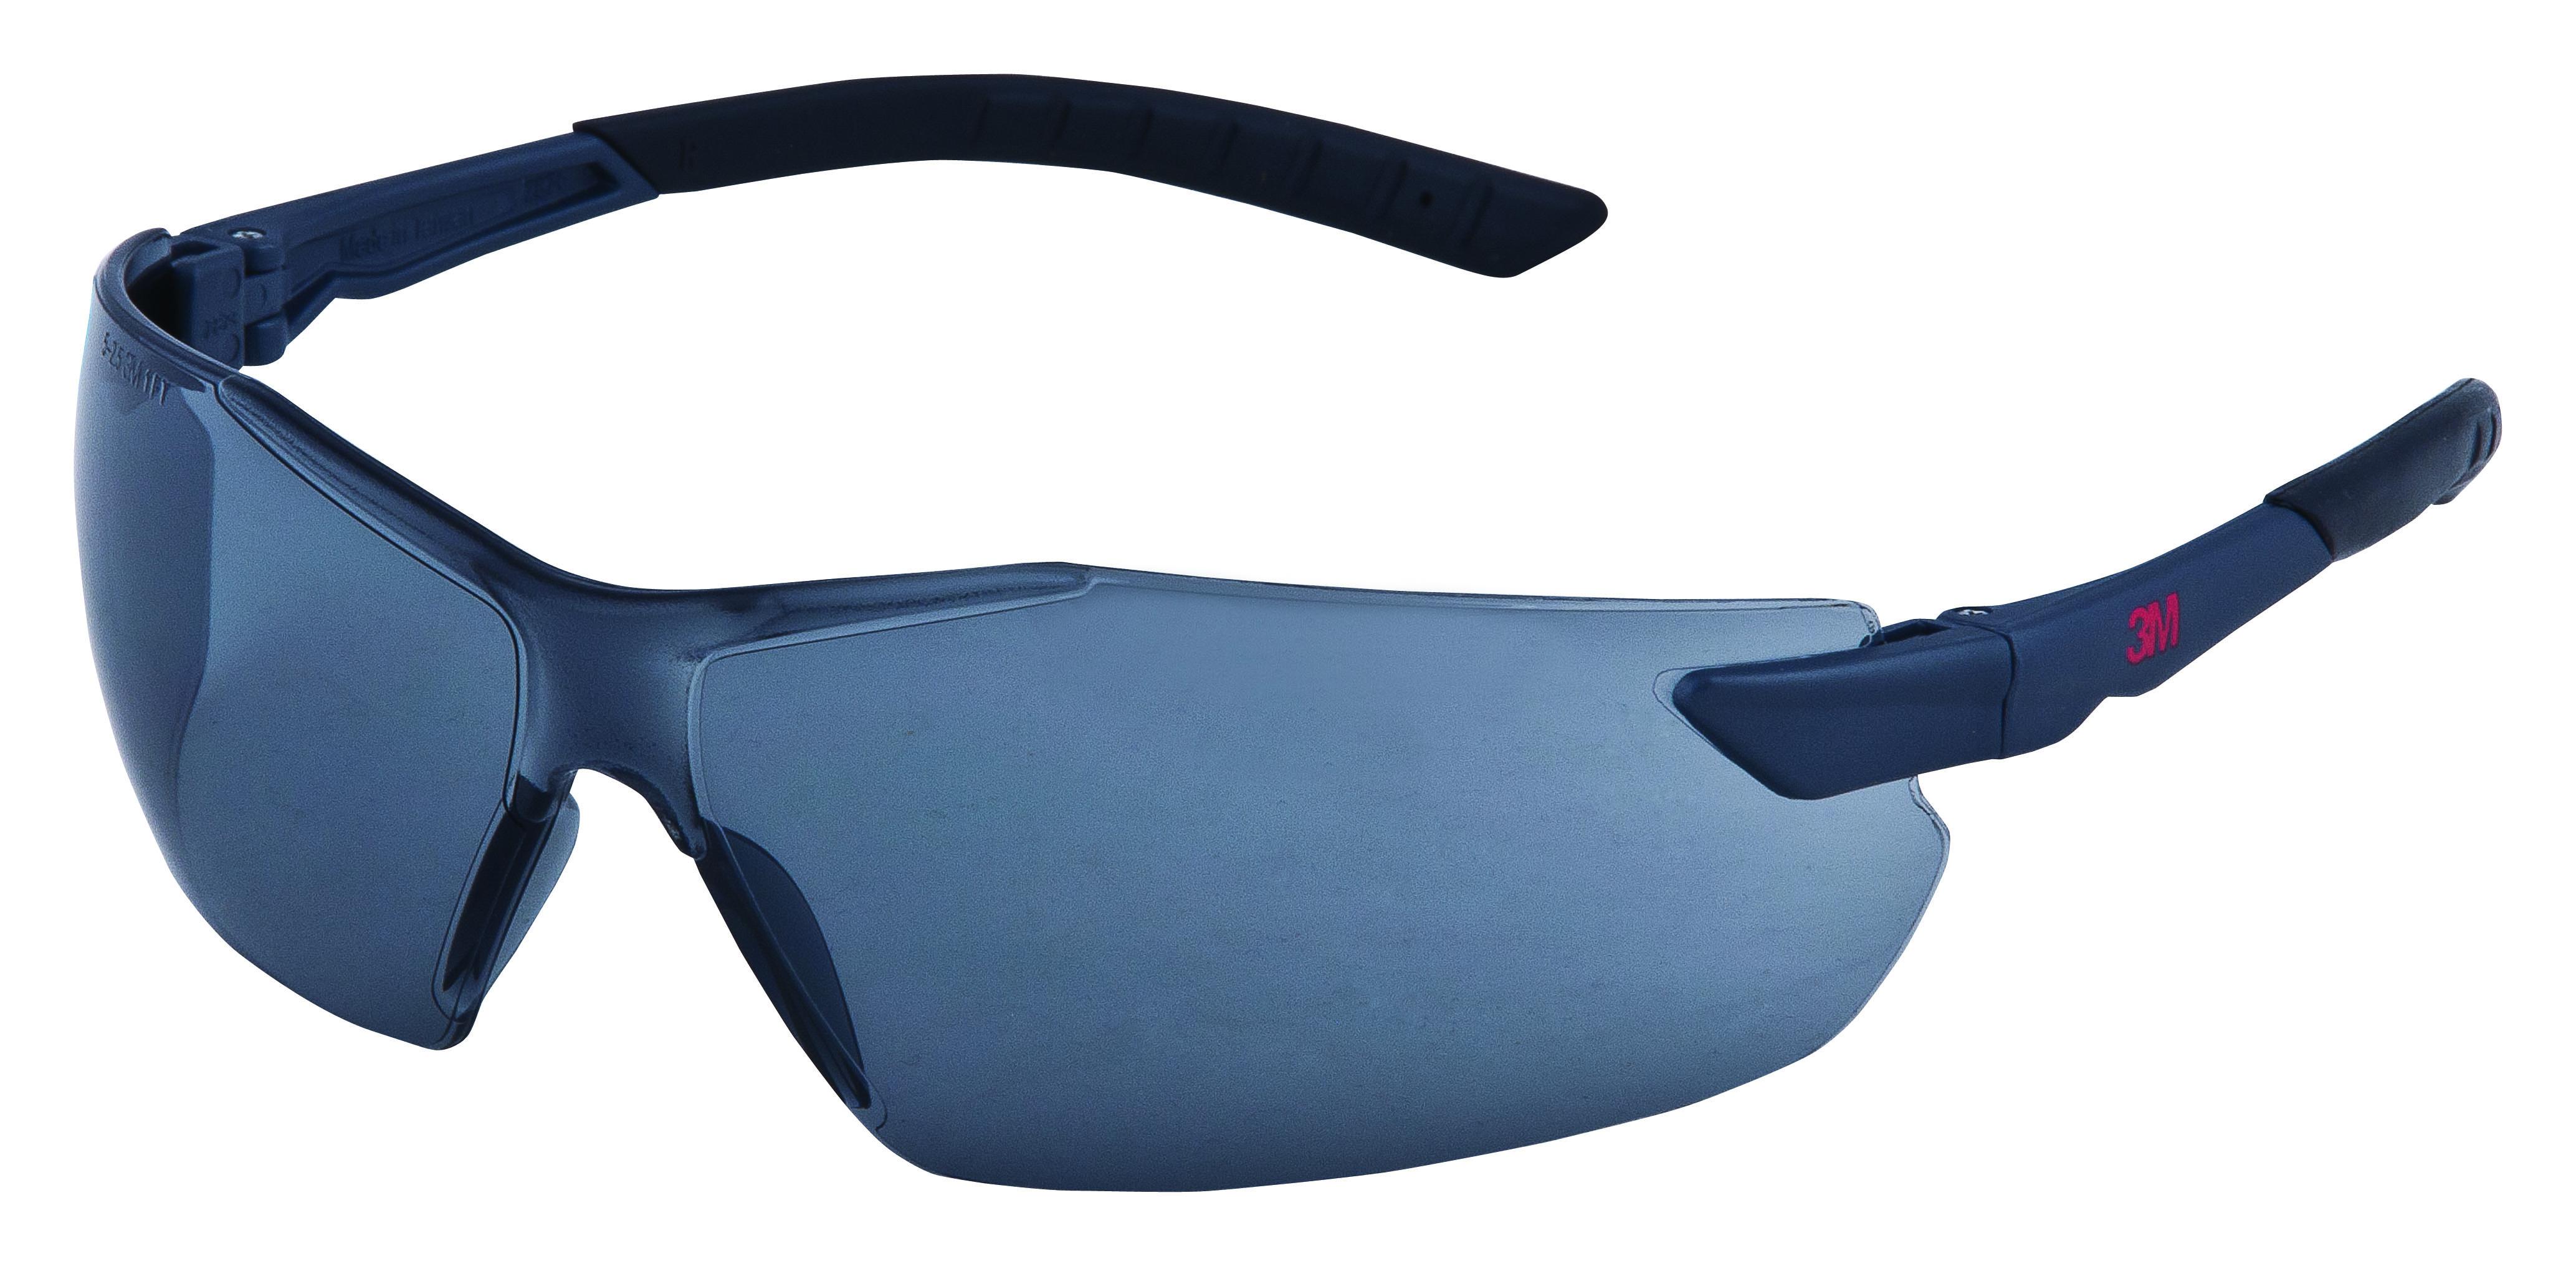 2821, Šedé polykarb. brýle 2821, AS-AF